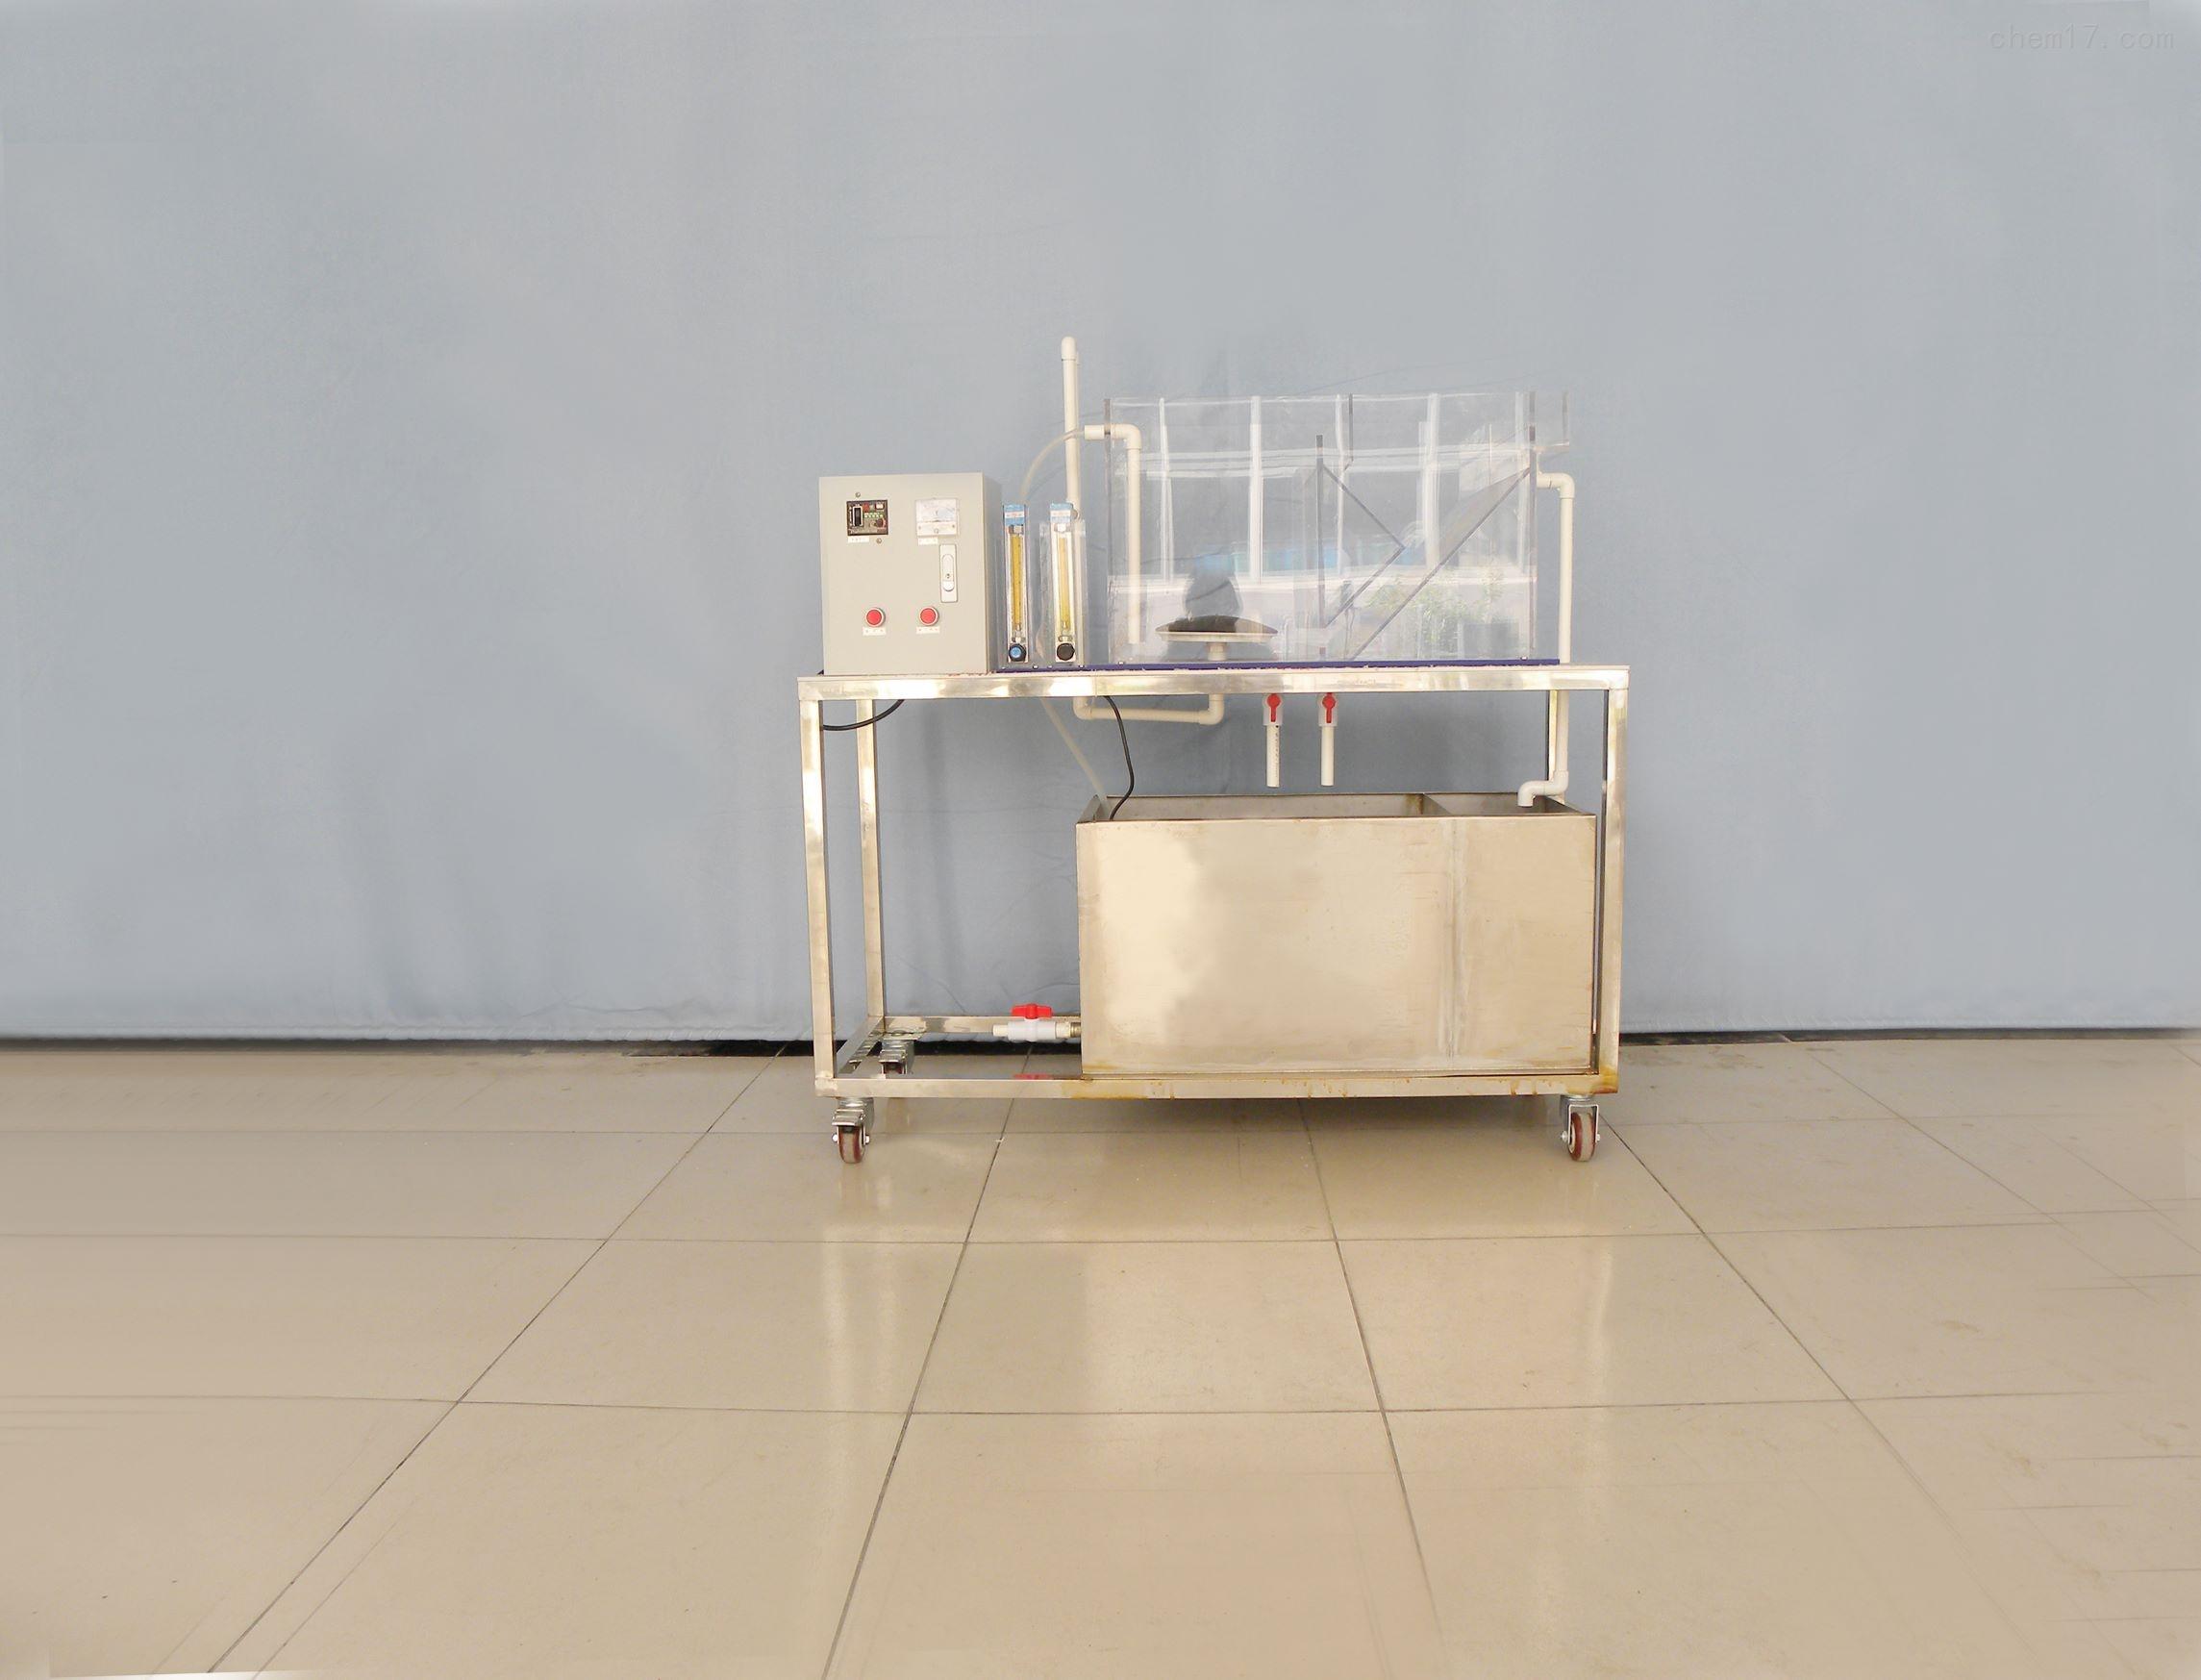 矩形合建式曝气沉淀池实验装置